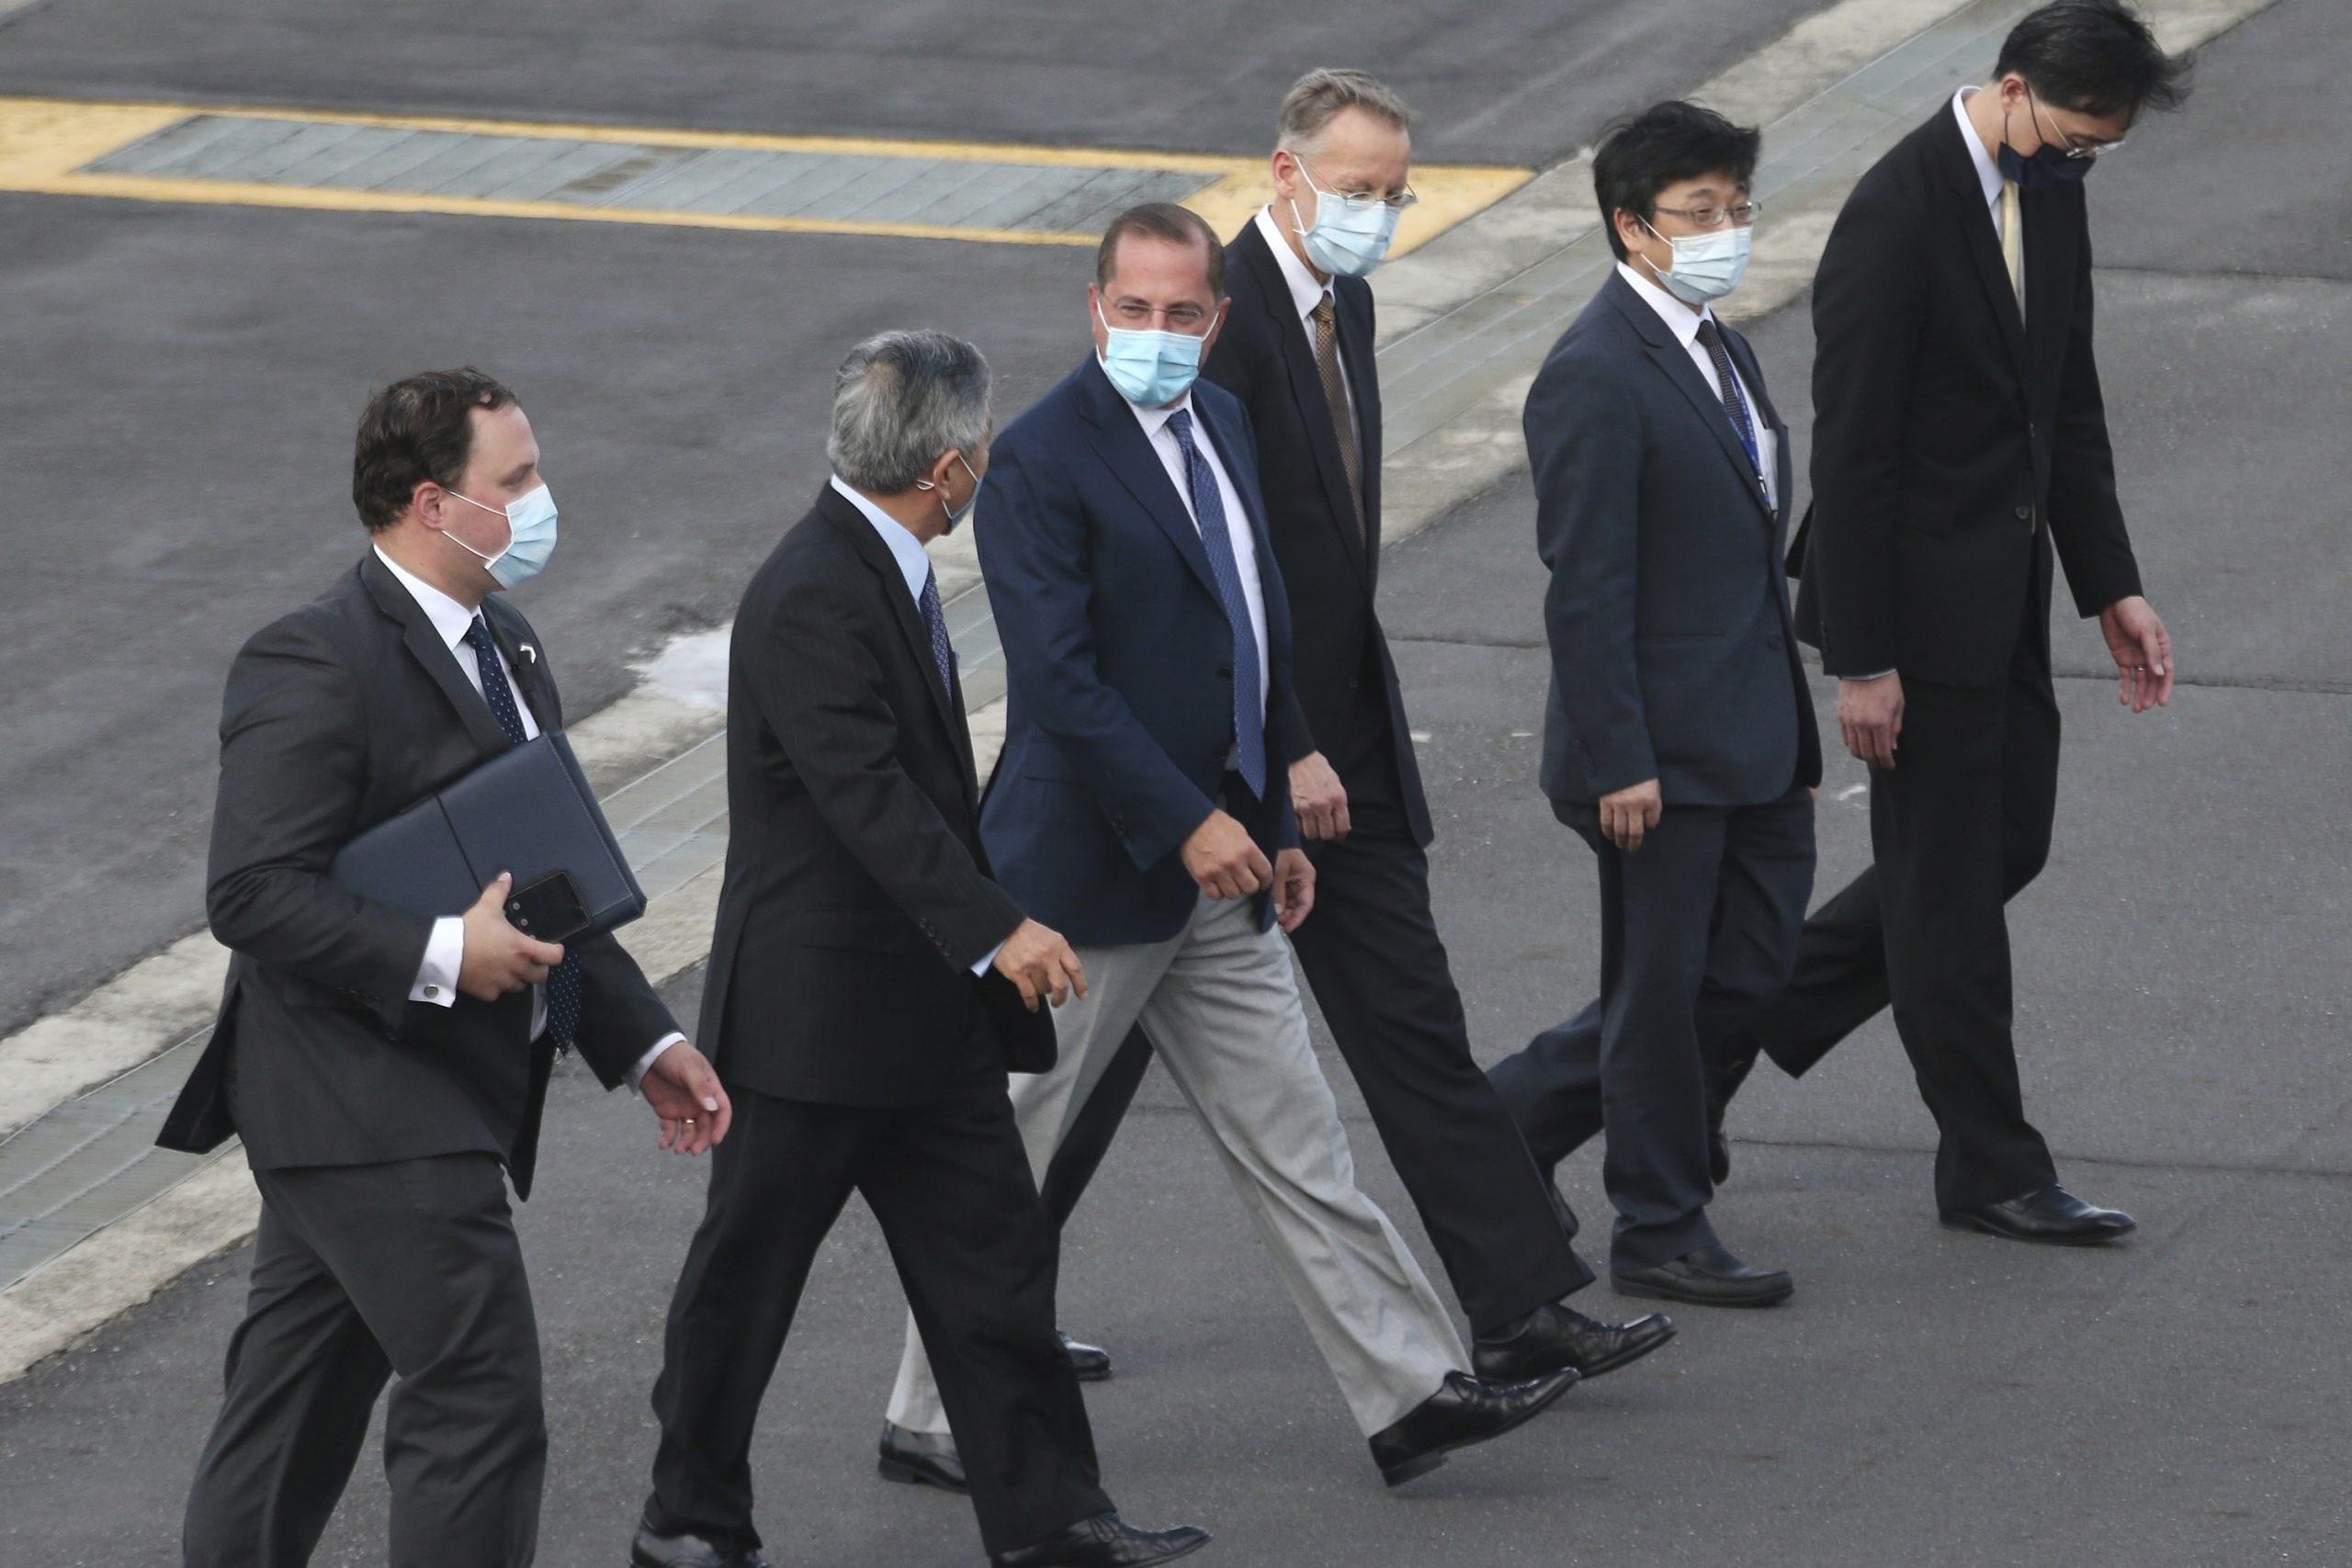 وسط توتر العلاقات بين واشنطن وبكين.. وزير أميركي يتوجه إلى تيوان